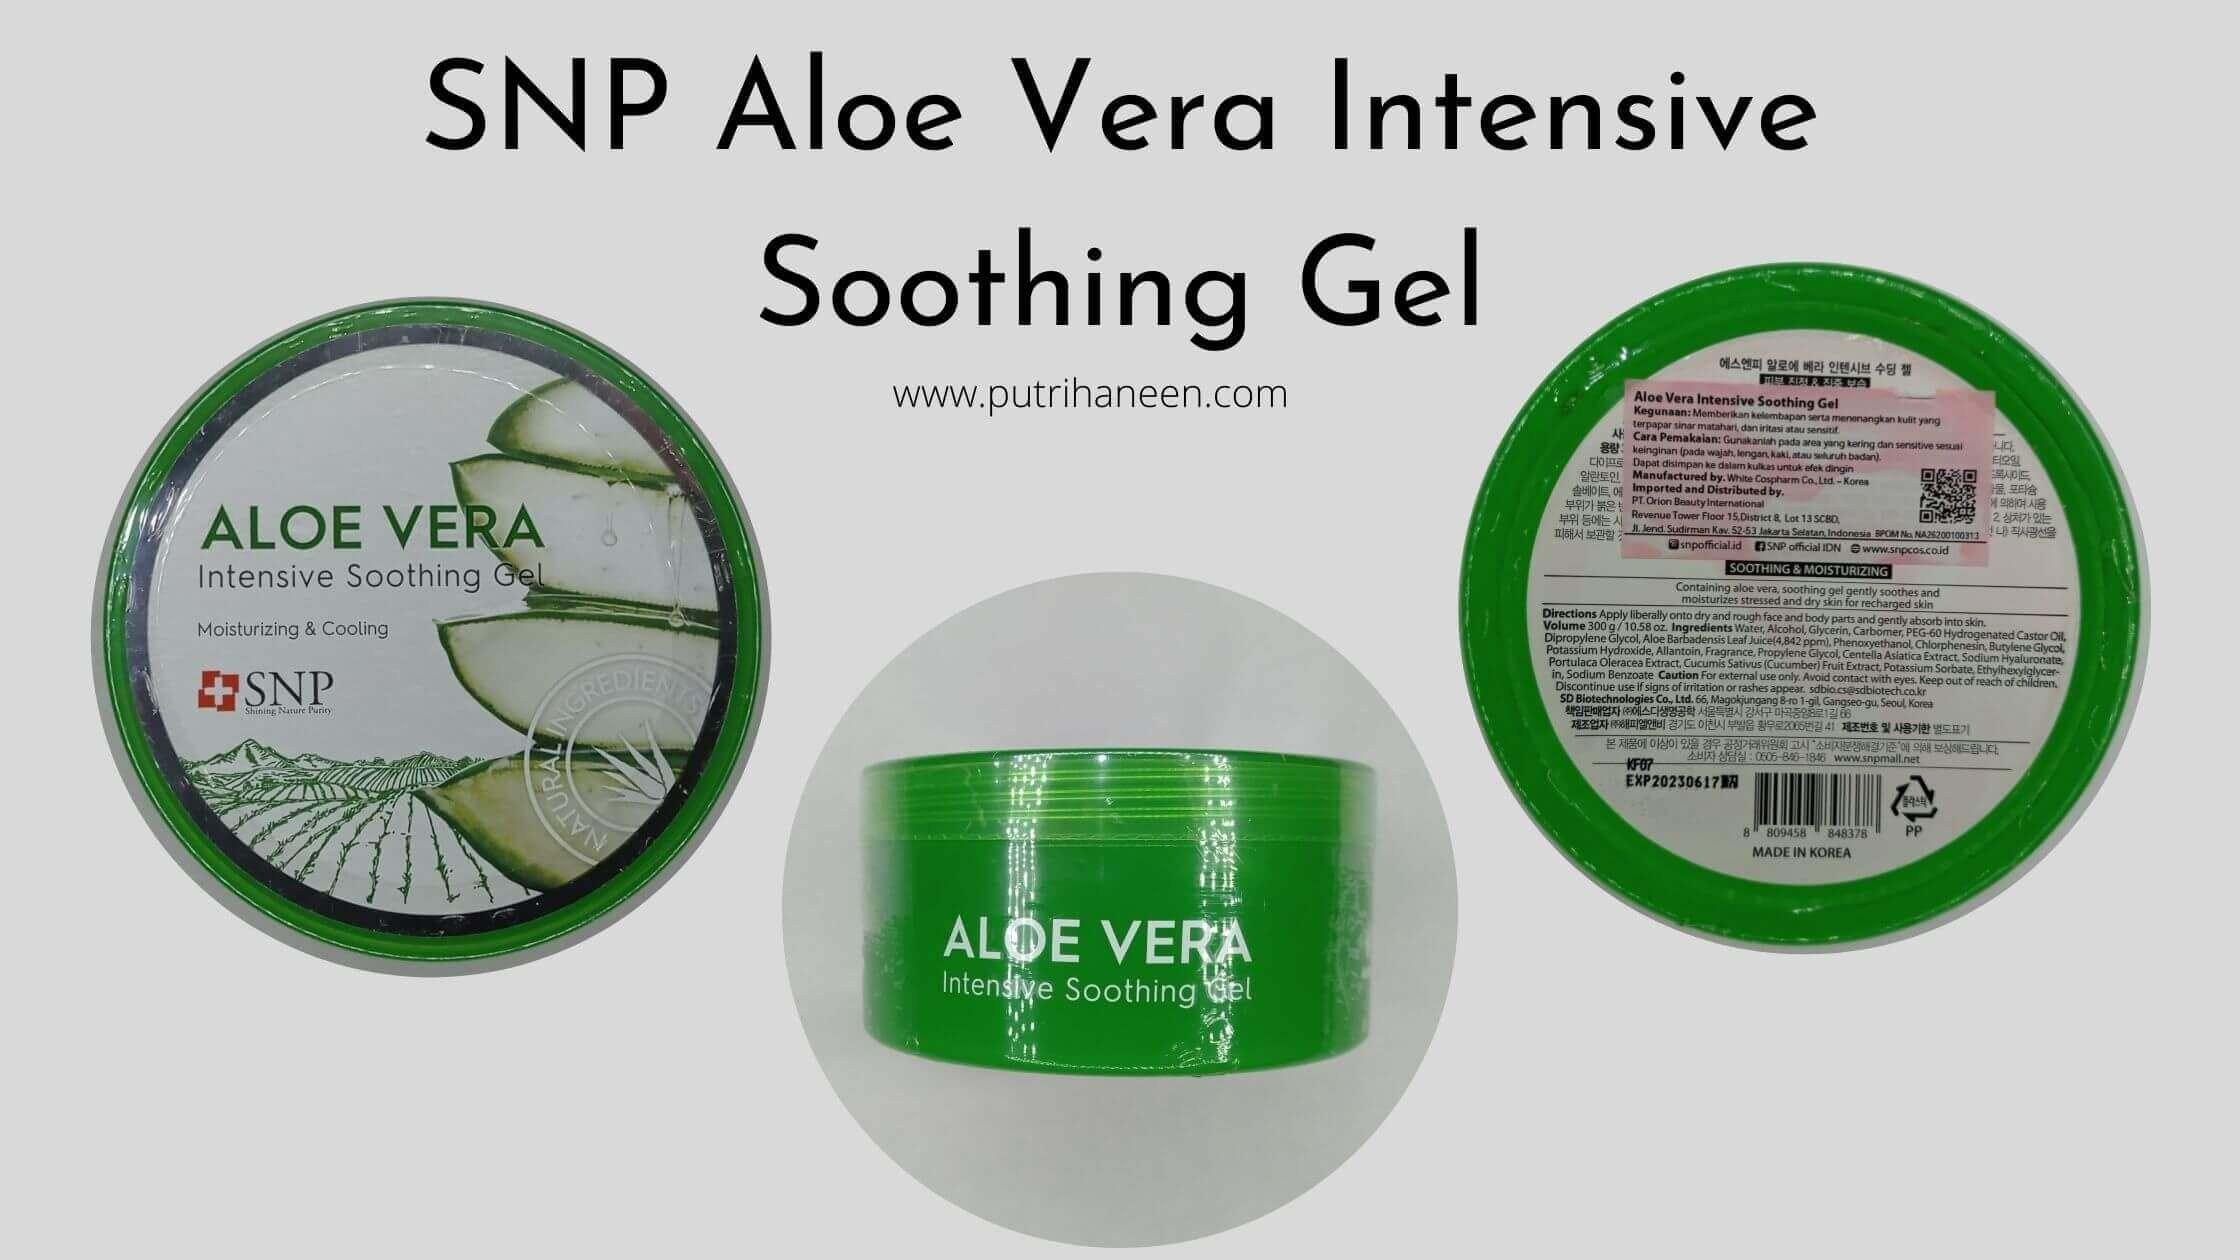 SNP Aloe Vera Soothing Gel